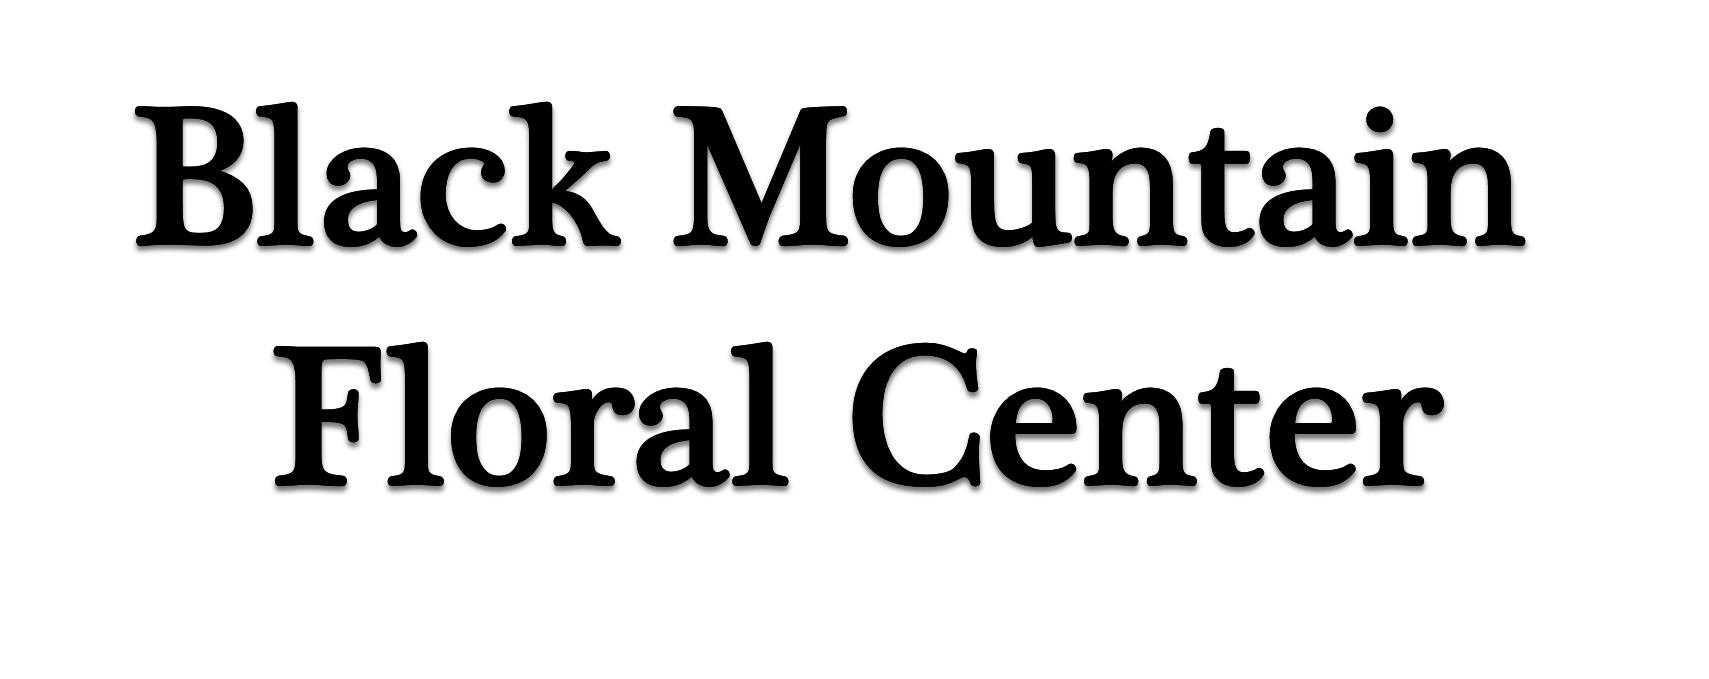 Black Mountain Floral Center dba AK Plus